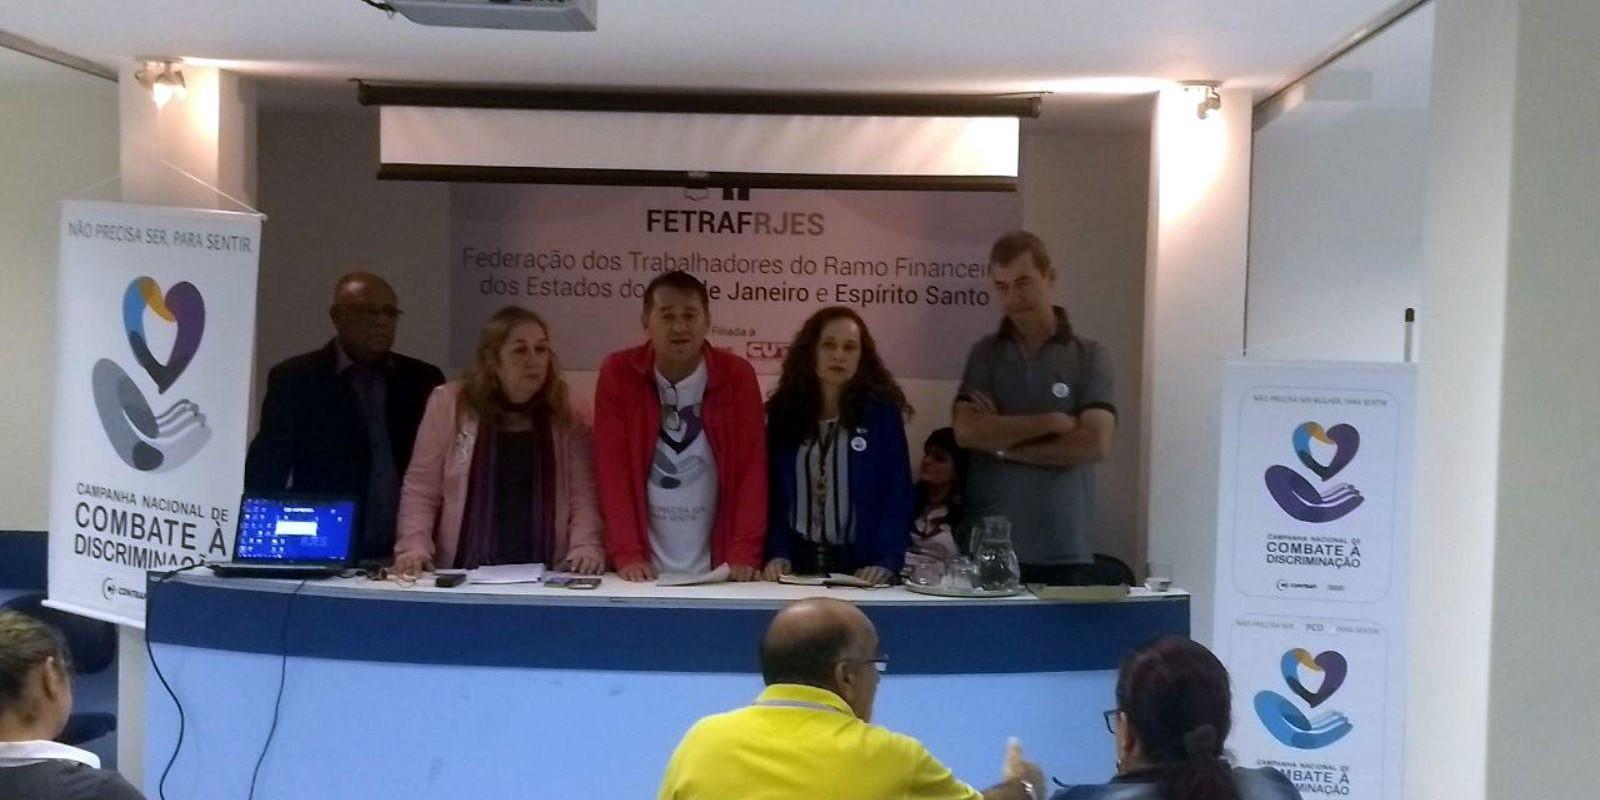 Campanha contra a discriminação é lançada no Rio de Janeiro